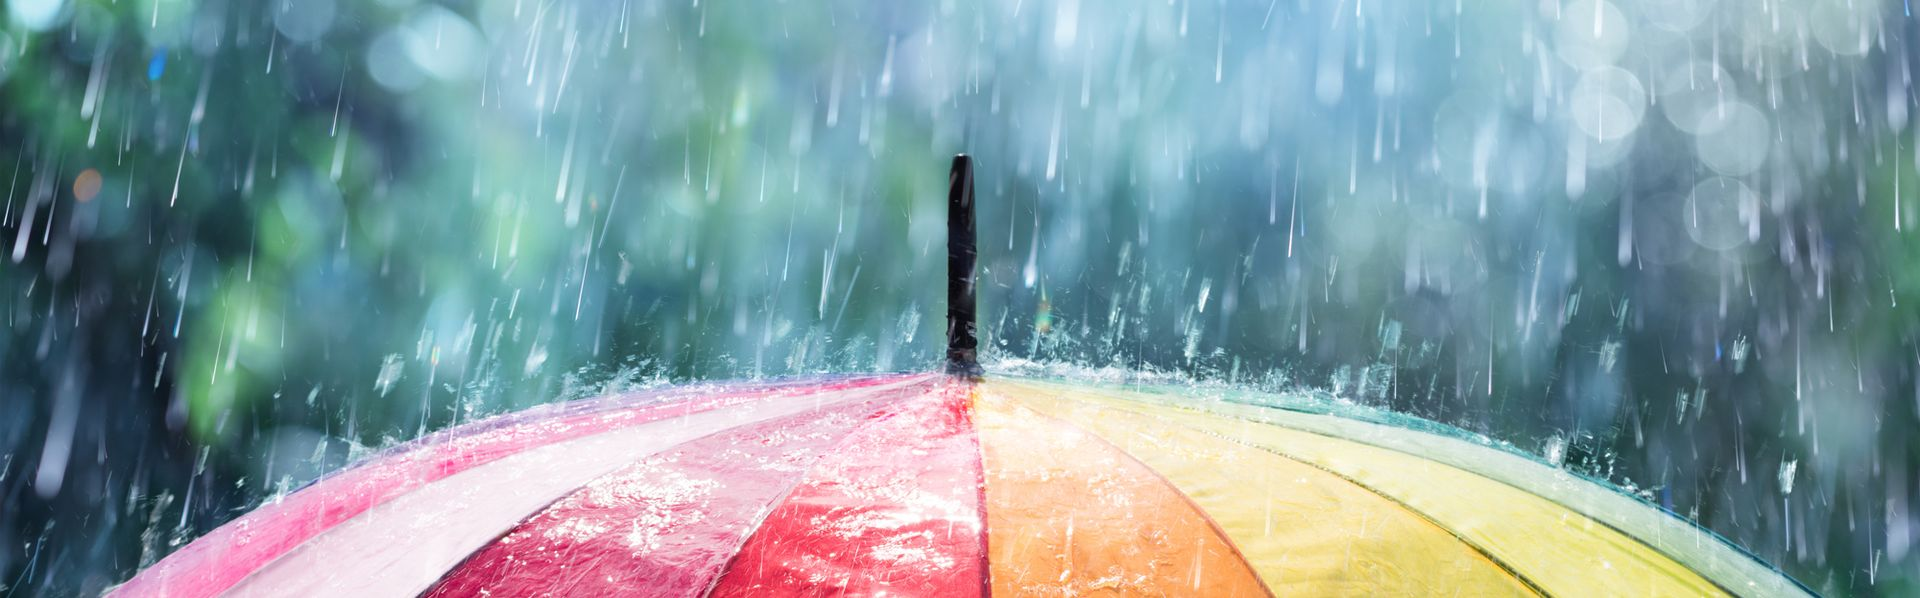 La météorologie. [© Romolo Tavani - Fotolia]